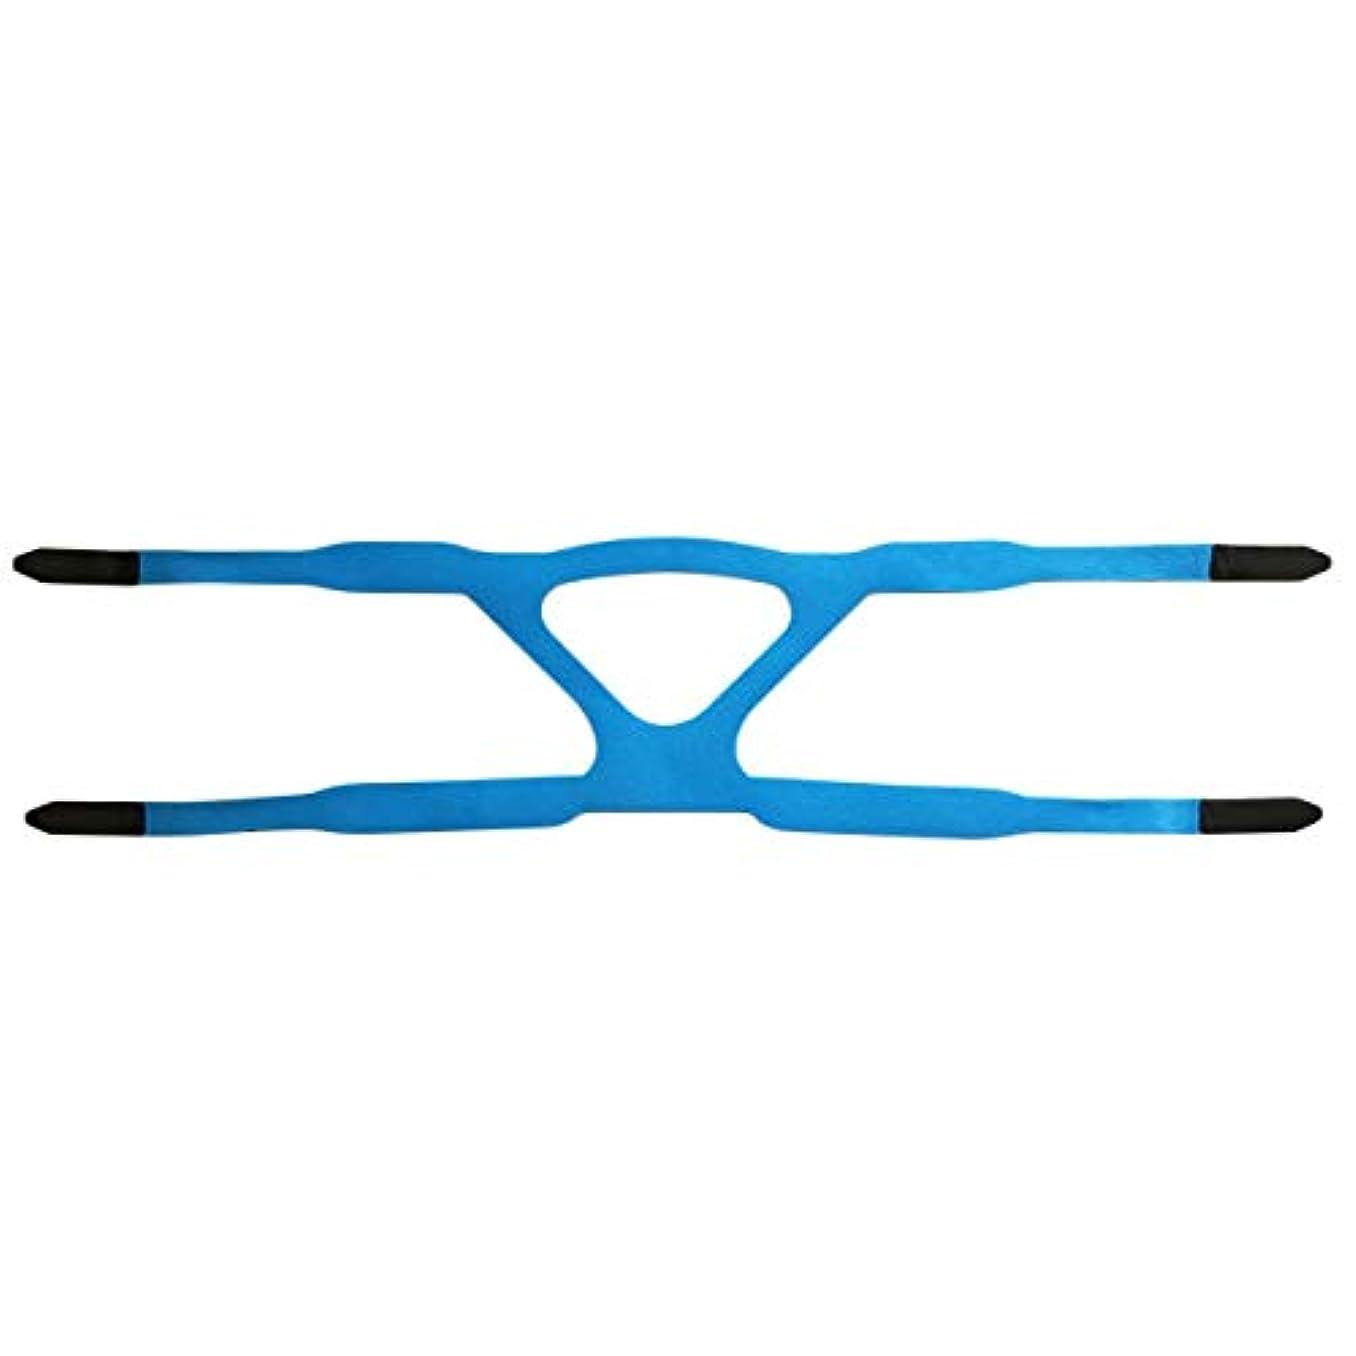 組み込むビジネス再撮りユニバーサルヘッドギアコンフォートジェルフルマスク安全な環境置換CPAPヘッドバンドマスクなしPHILPSに適しています(色:青&グレー)